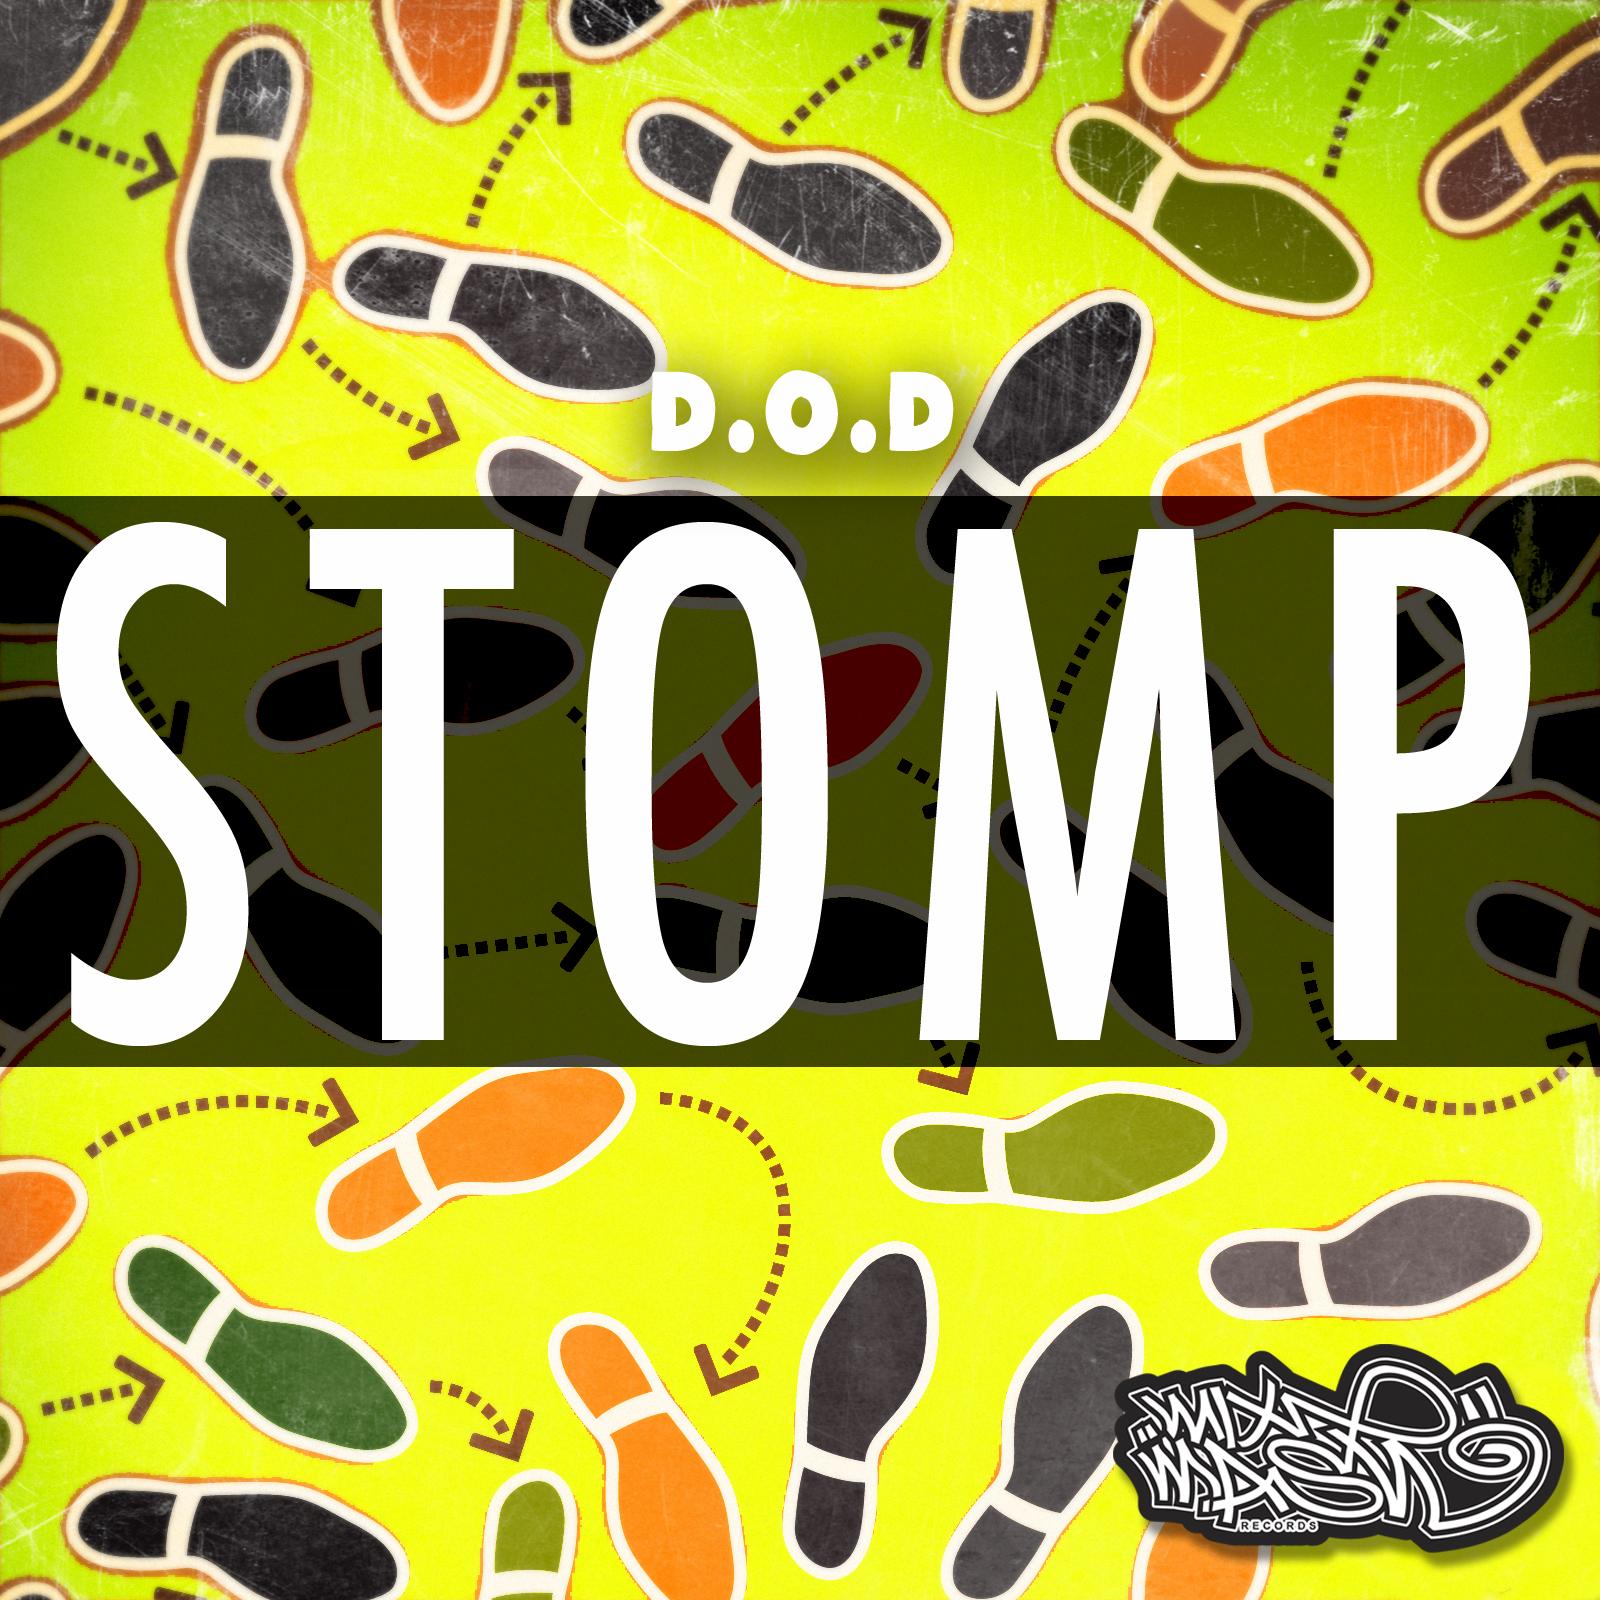 D.O.D - Stomp [Mixmash Records]